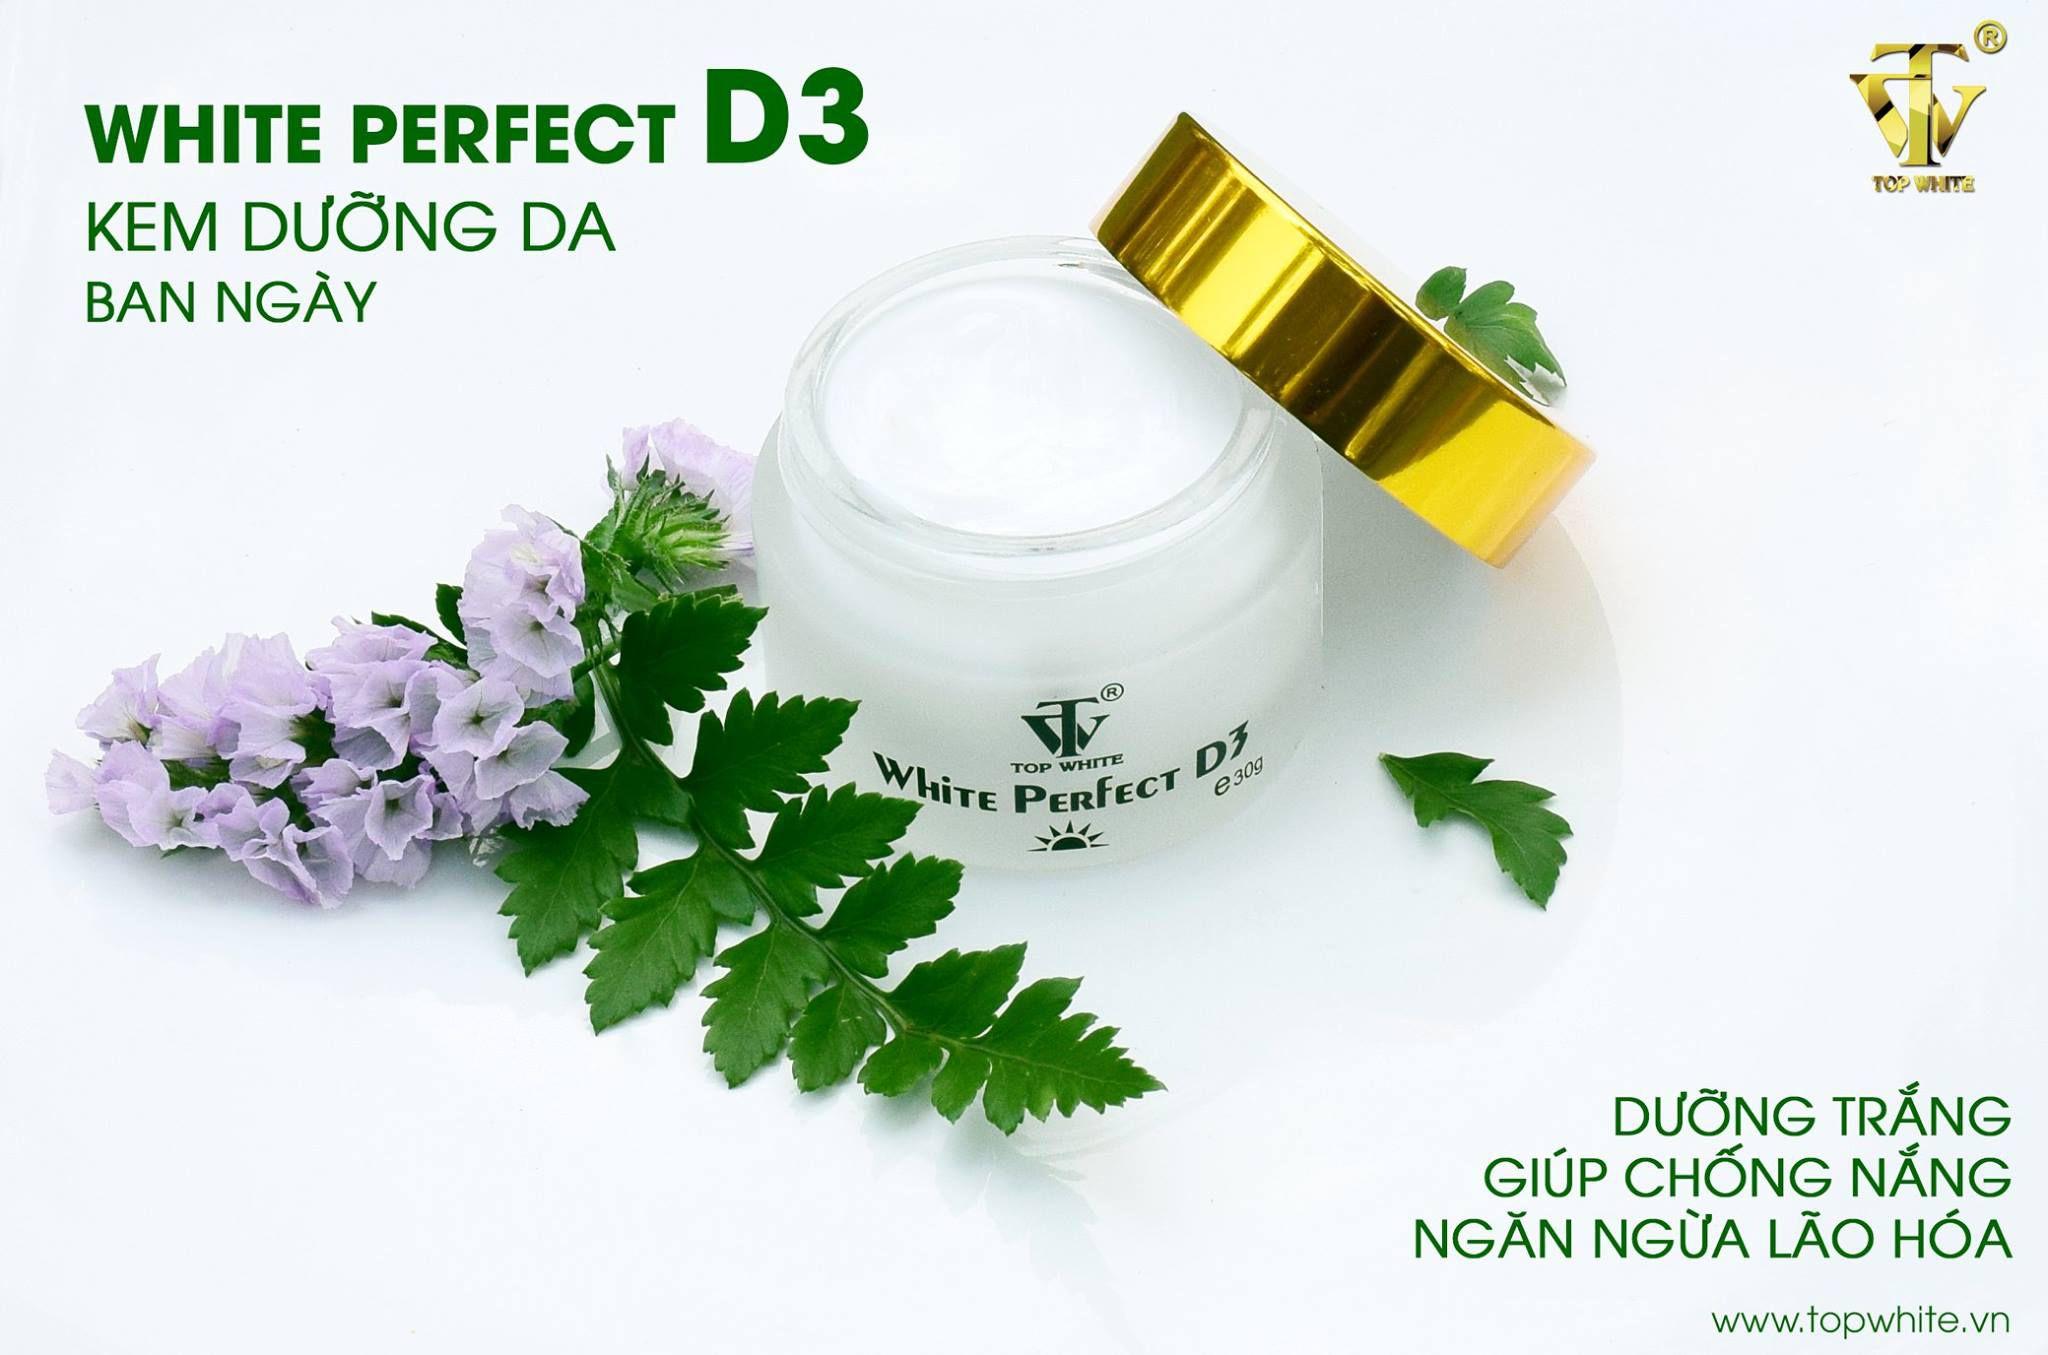 Mã vạch 8936097440035 -kem dưỡng trắng da chống nắng white perfect D3 của Top White